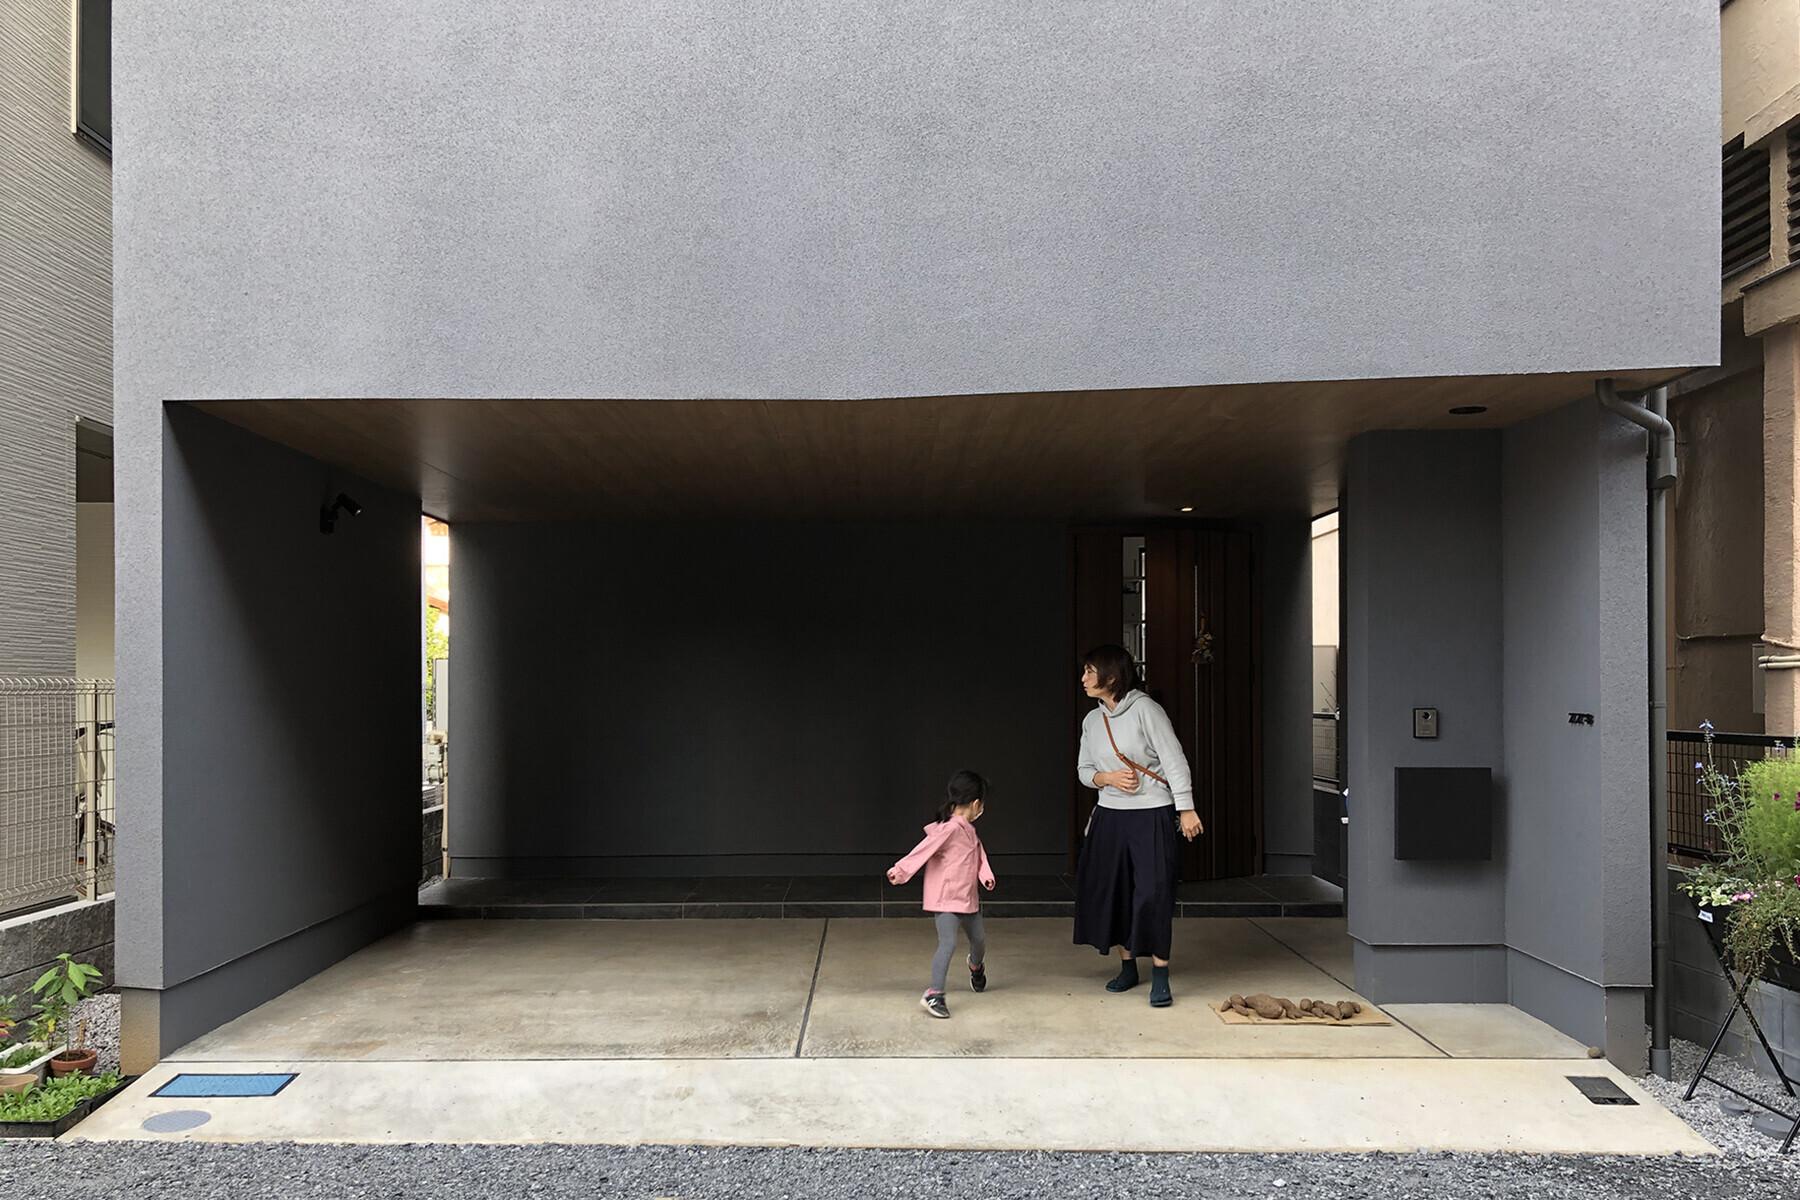 ビルトイン駐車場を有する3階建ての家 の建築事例写真